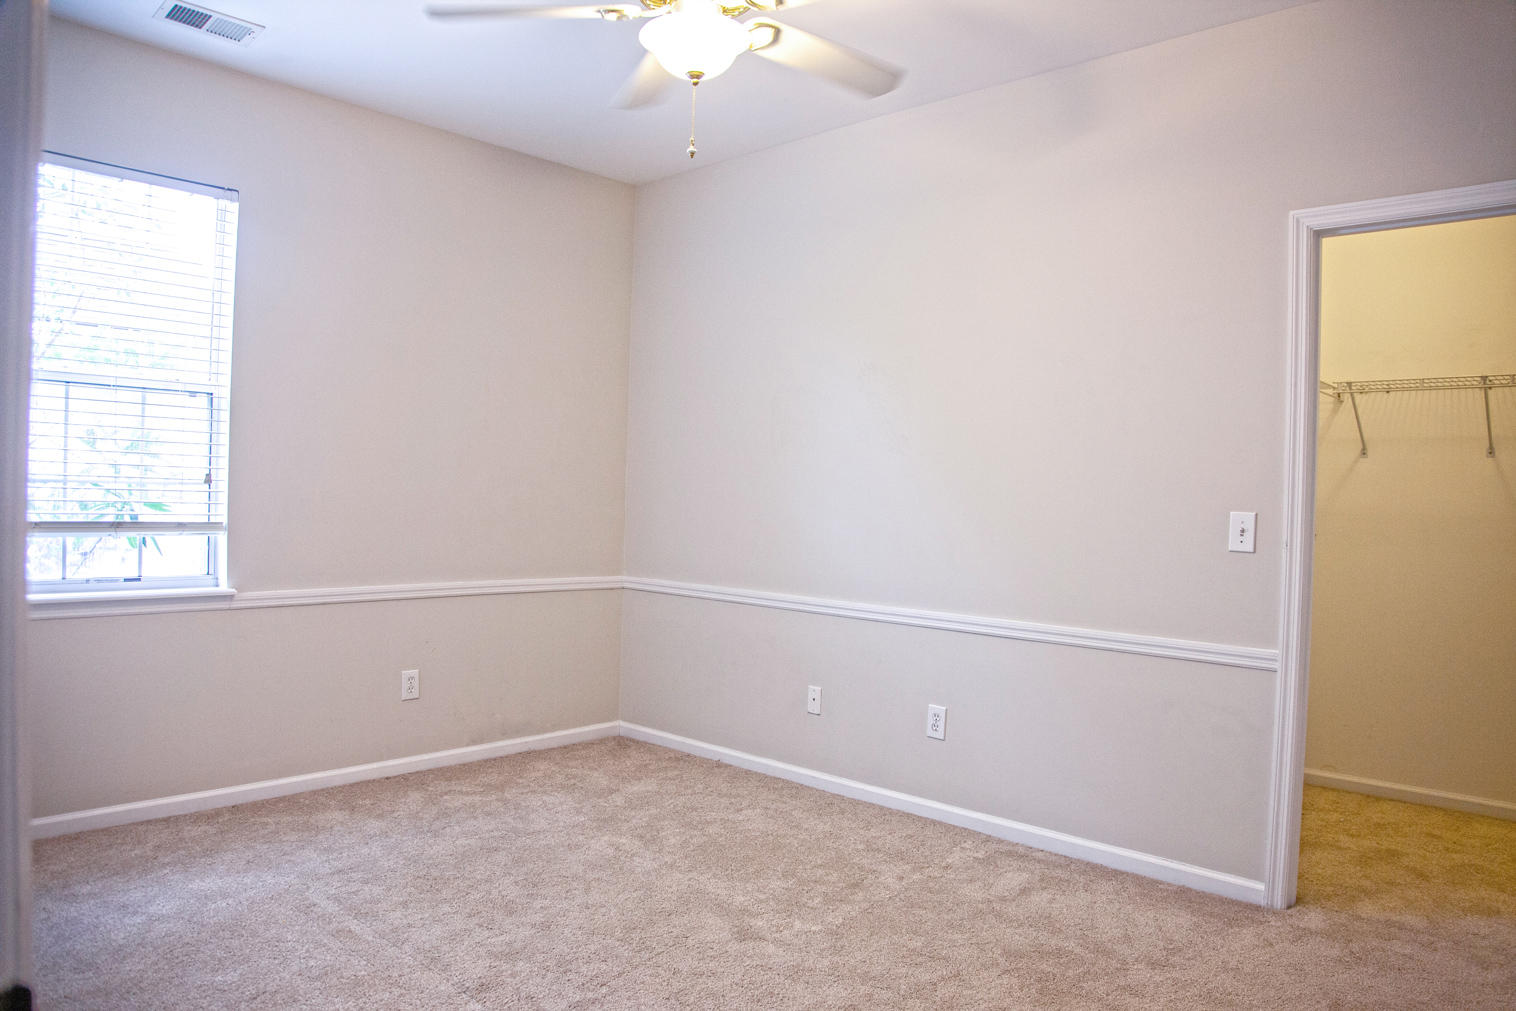 Park West Homes For Sale - 3190 John Bartram Place, Mount Pleasant, SC - 31